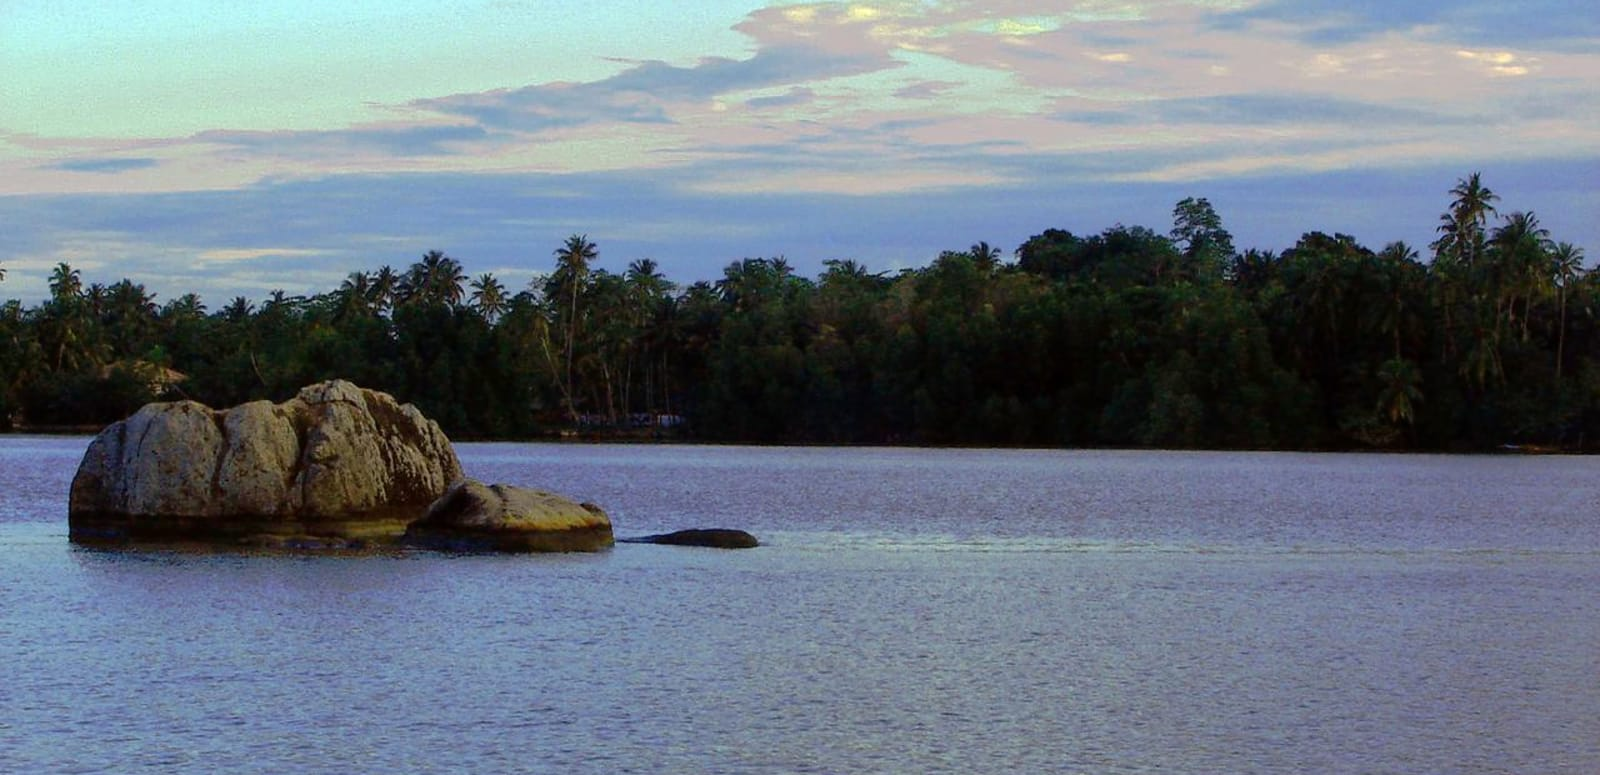 1491646981_1280px-bentota_river_in_dharga__sri_lanka.jpg